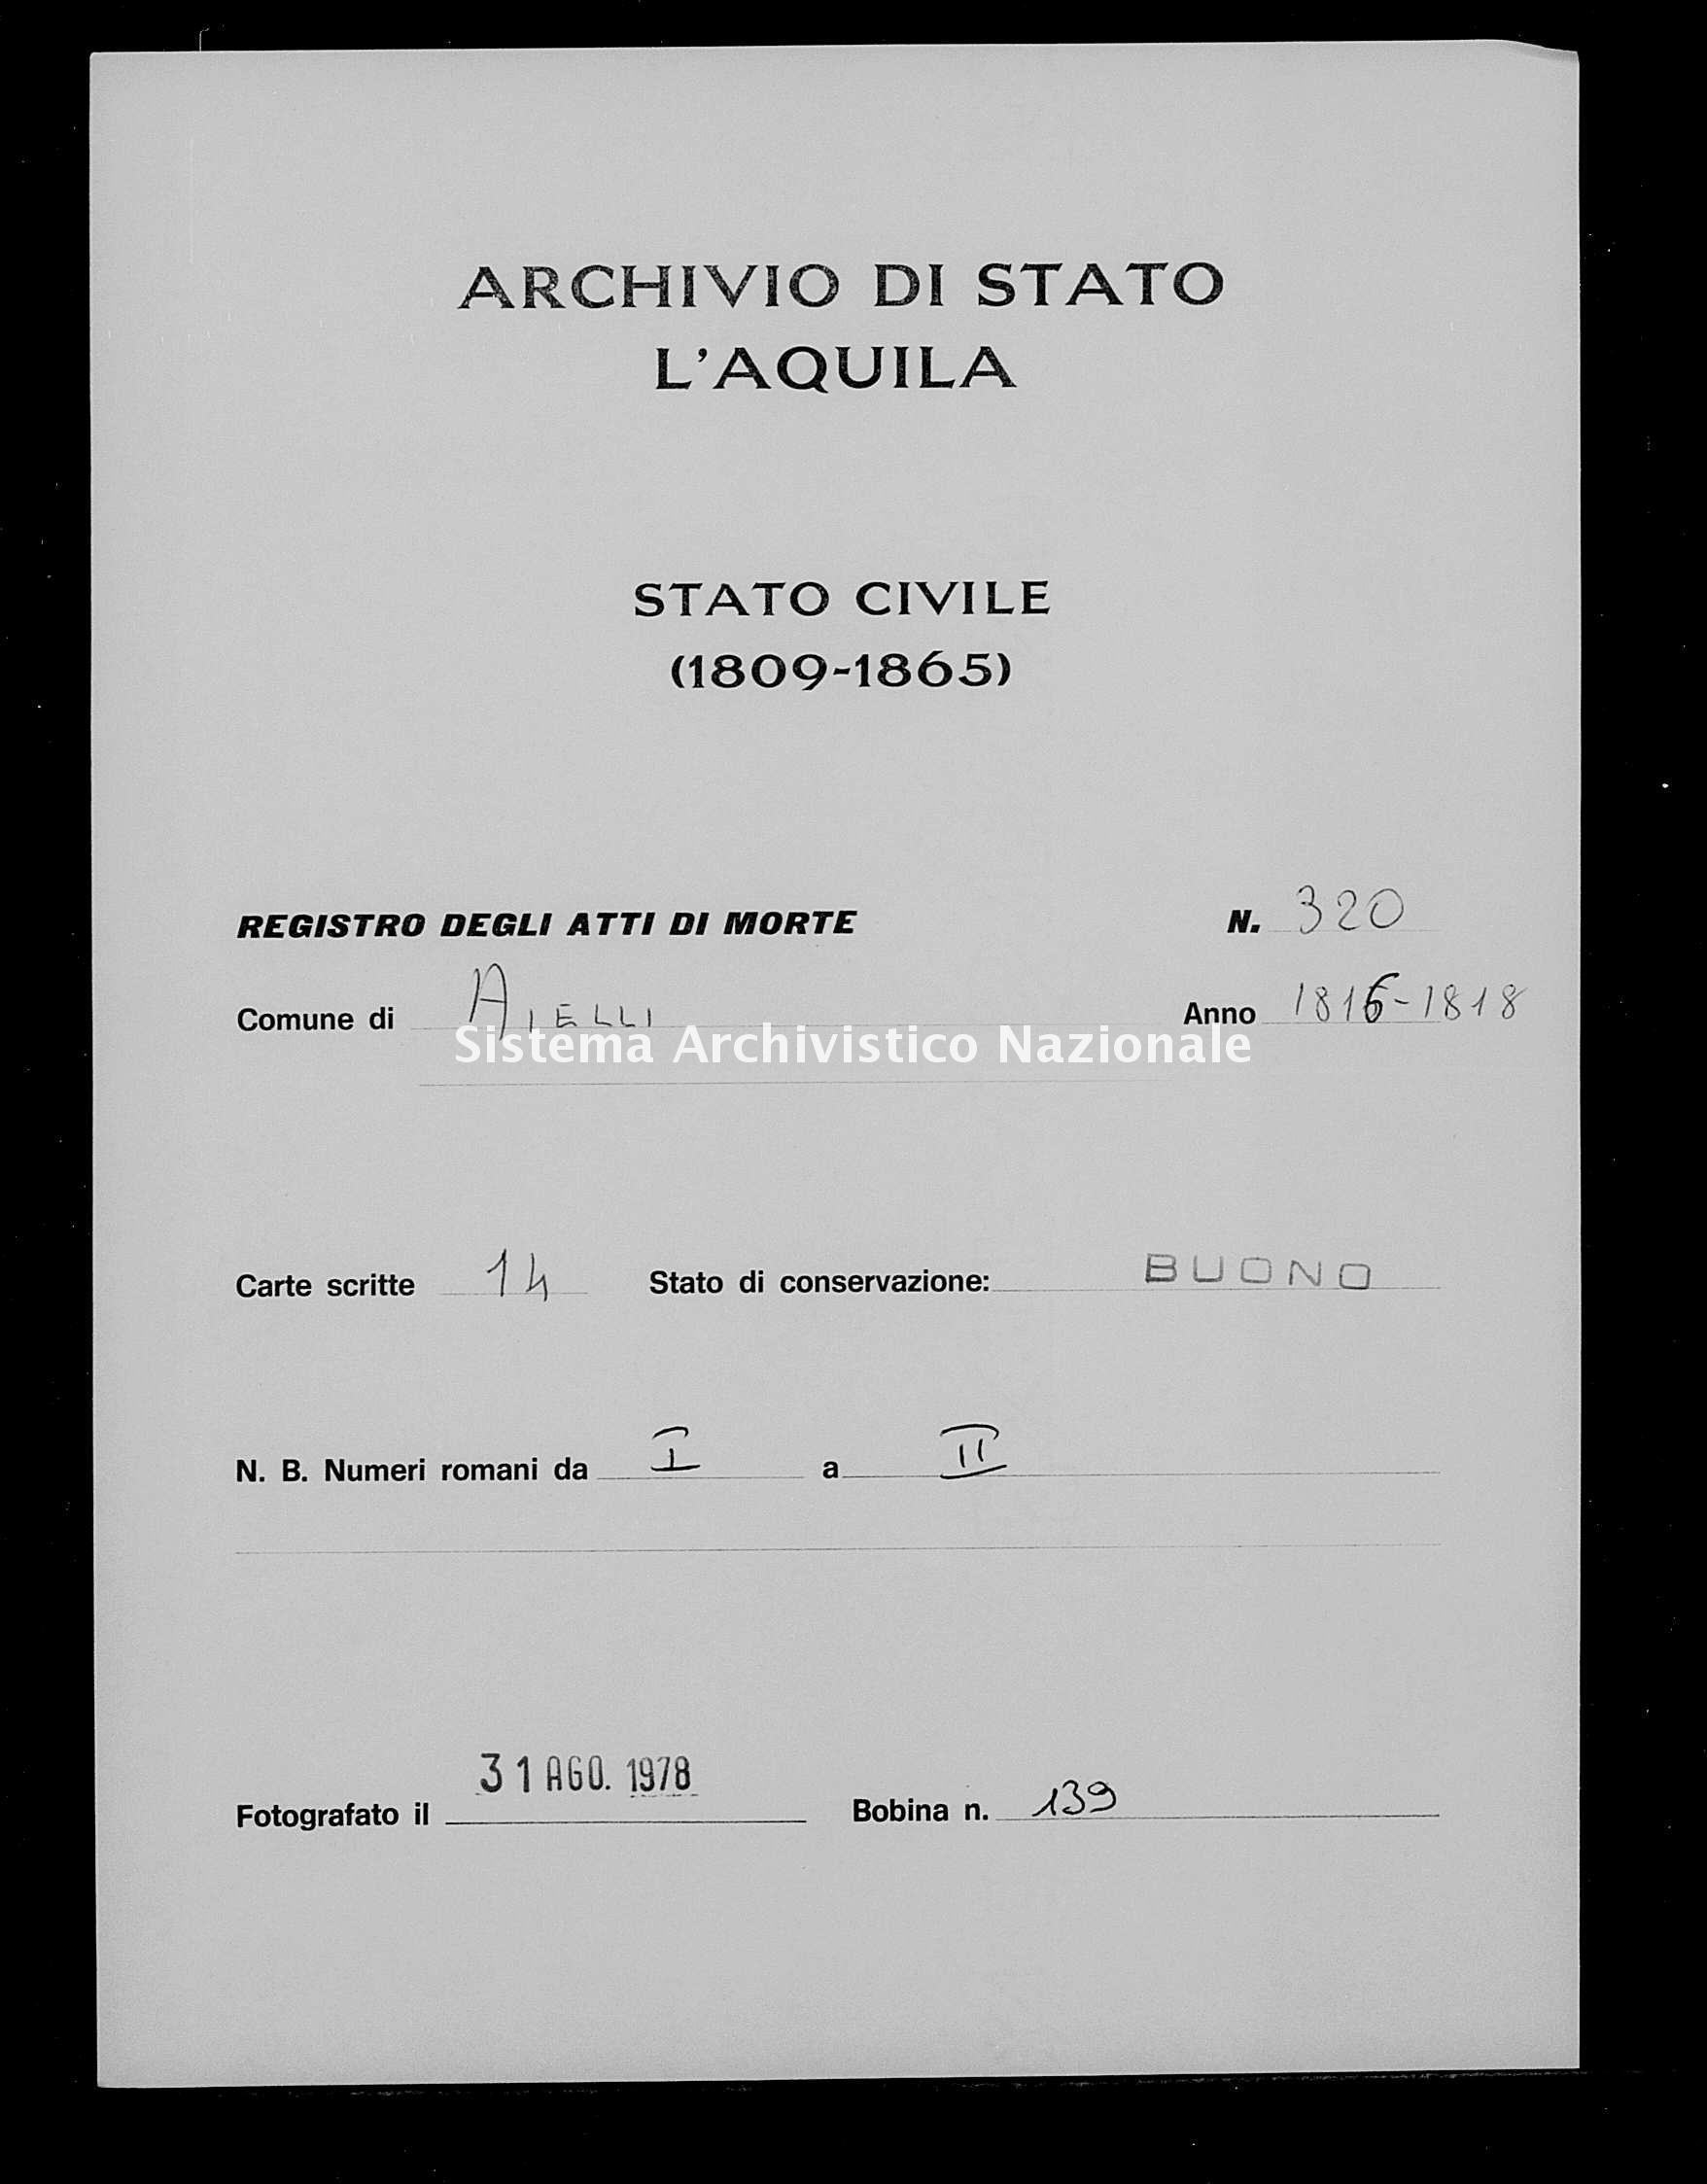 Archivio di stato di L'aquila - Stato civile della restaurazione - Aielli - Morti - 1816 - 320 -